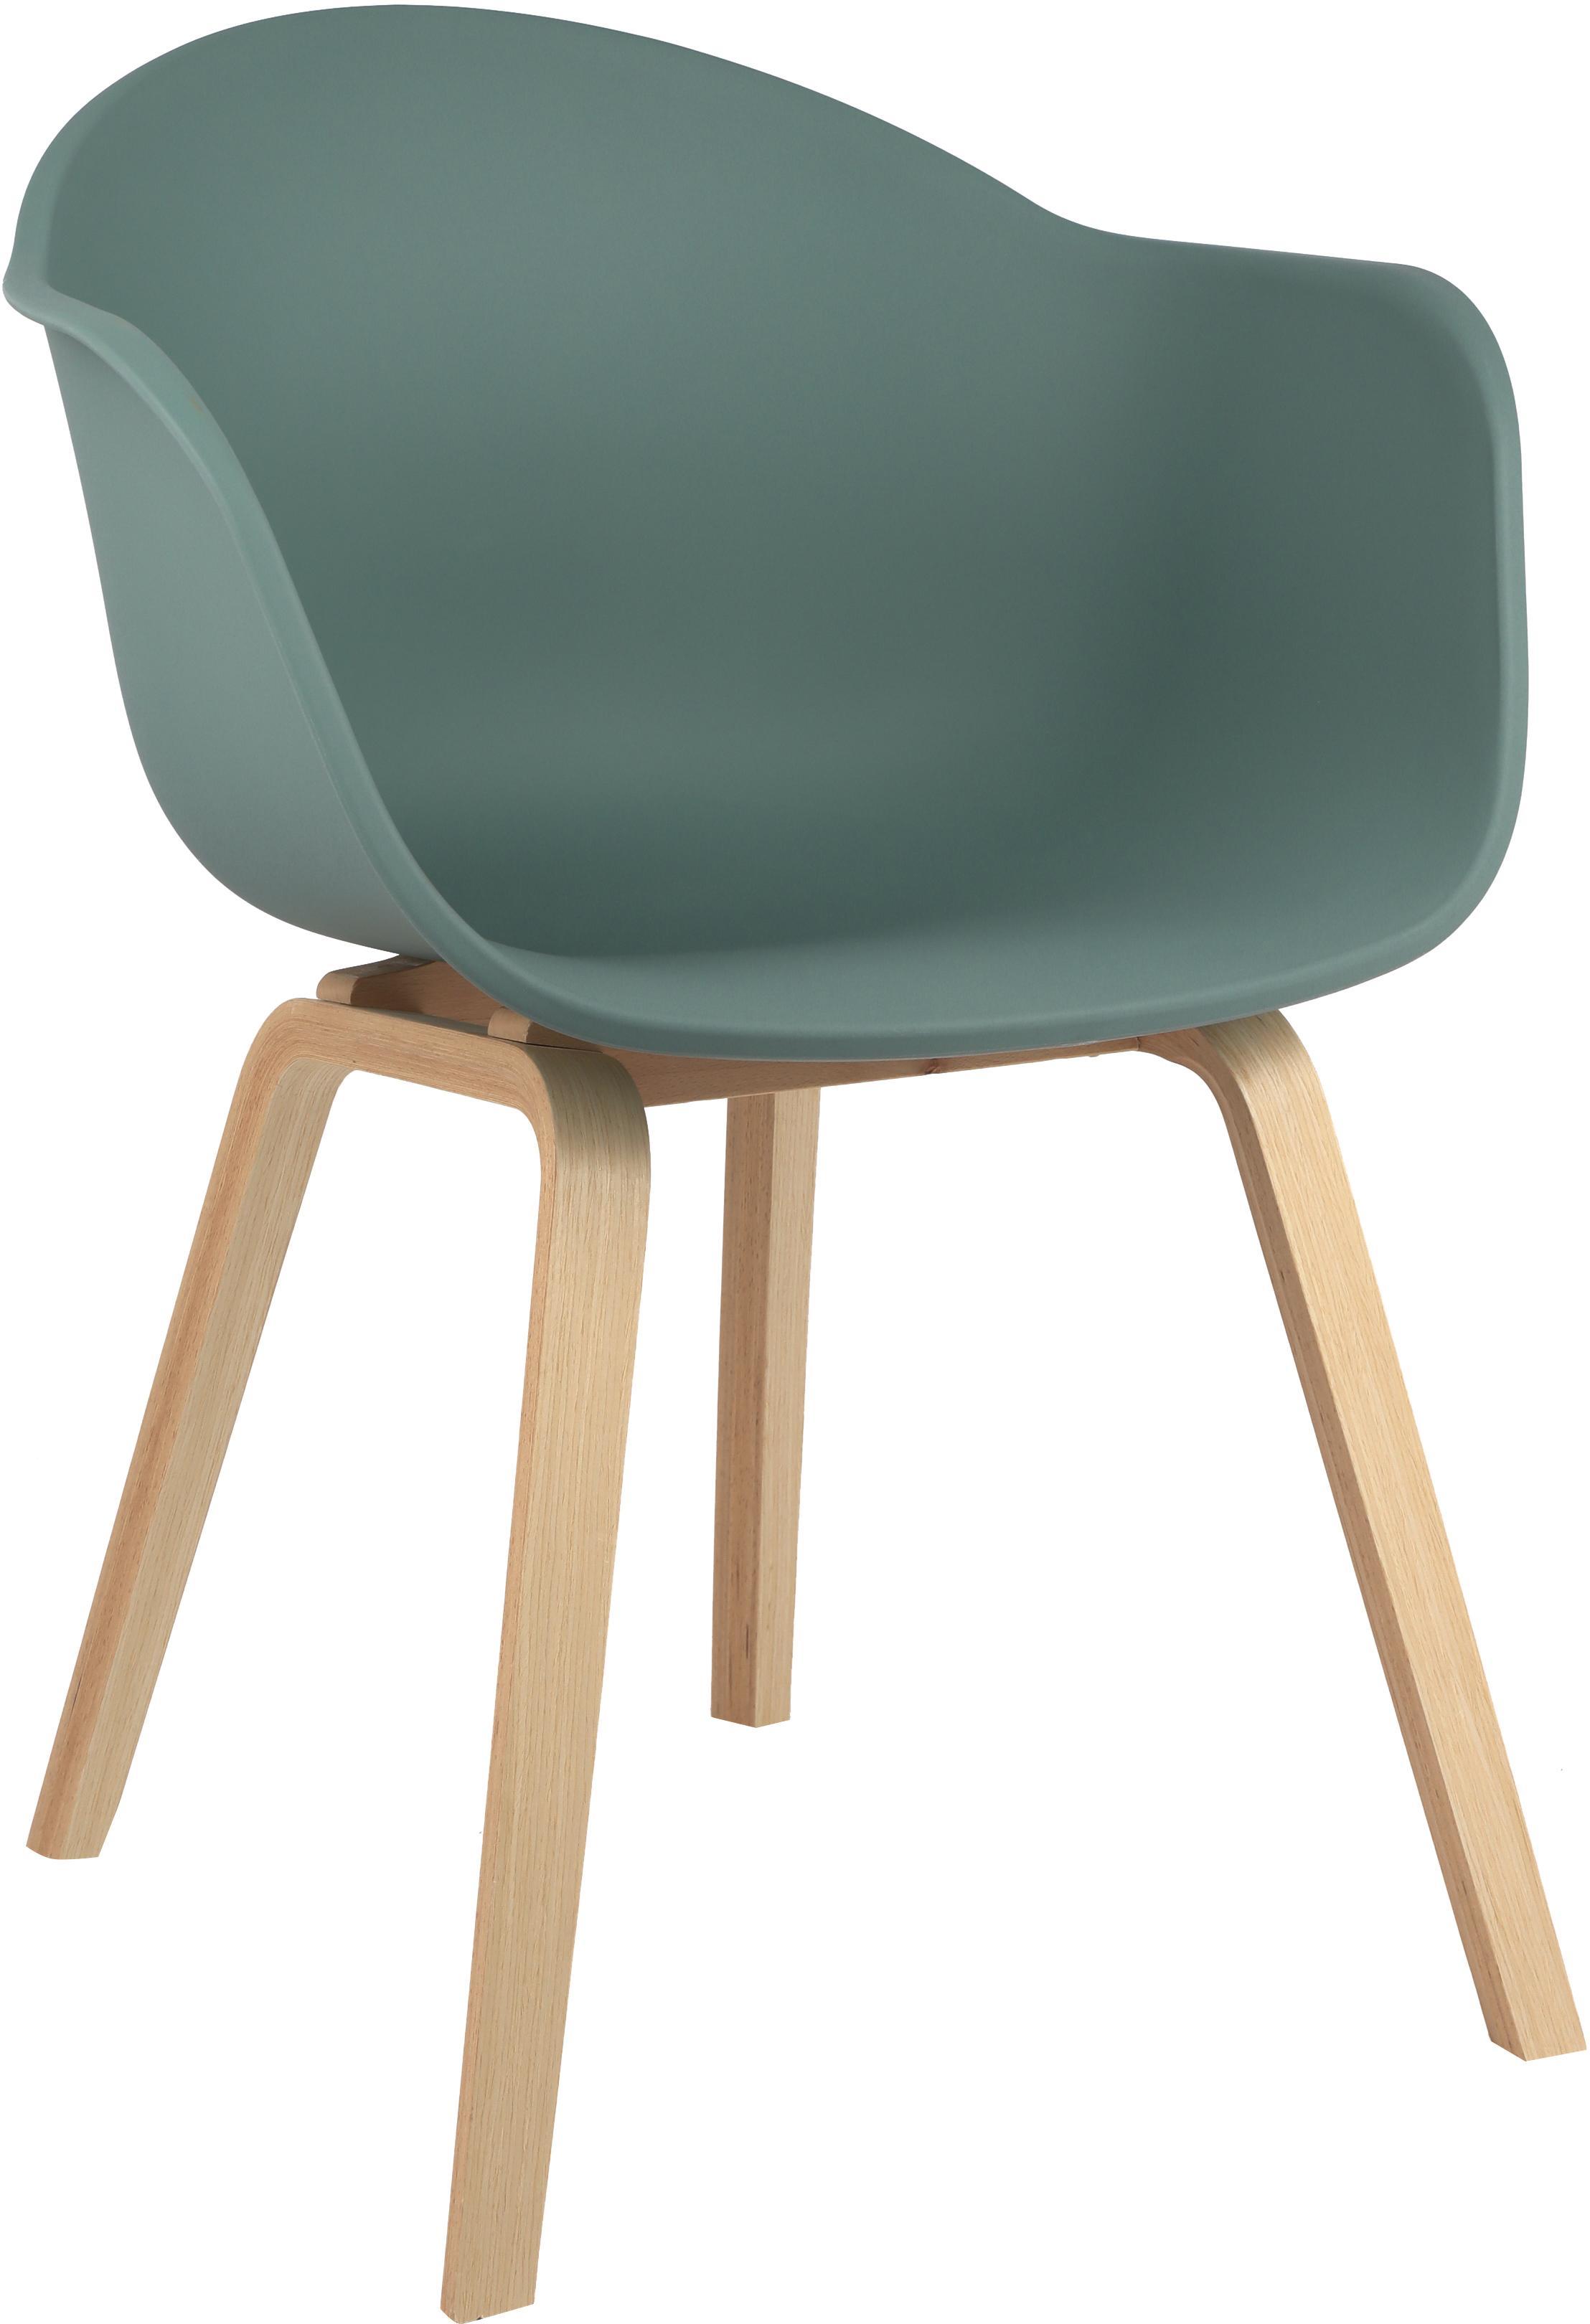 Krzesło z podłokietnikami z tworzywa sztucznego Claire, Nogi: drewno bukowe, Siedzisko: zielony Nogi: drewno bukowe, S 54 x G 60 cm